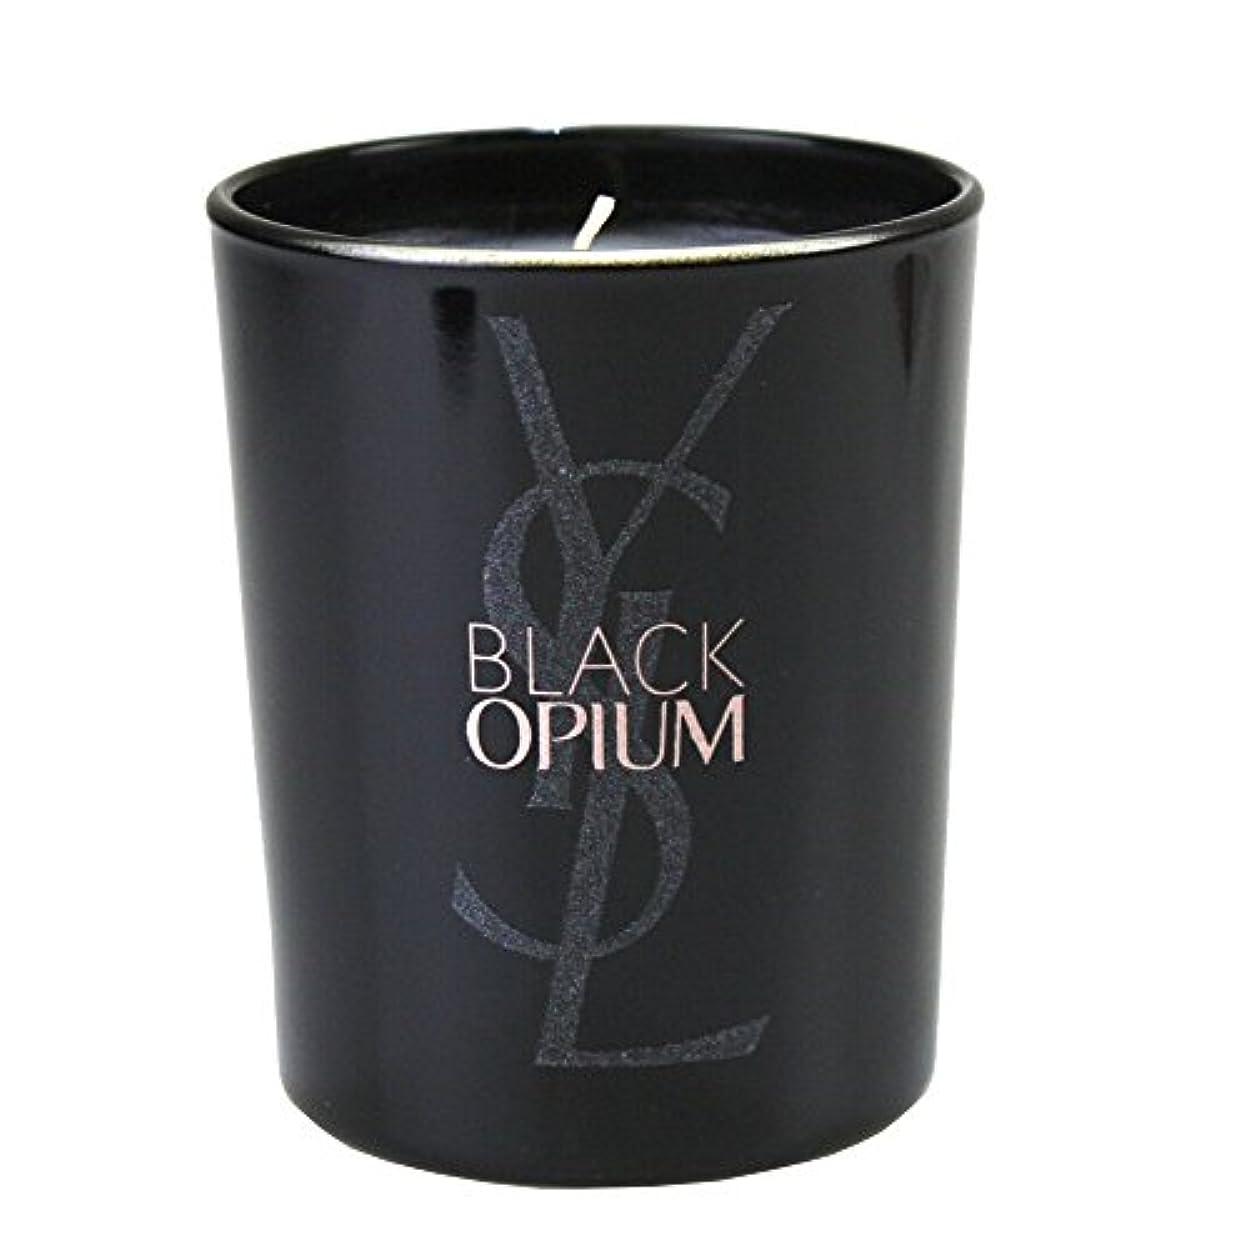 クラウド引き受けるアスレチック(イヴ サンローラン) Yves saint Laurent アロマキャンドル パリジェンヌ BLACK OPIUM 化粧 メイク コスメ ロゴ 黒 ブラック フルーティー フローラル コーヒー ジャスミンティーペタル